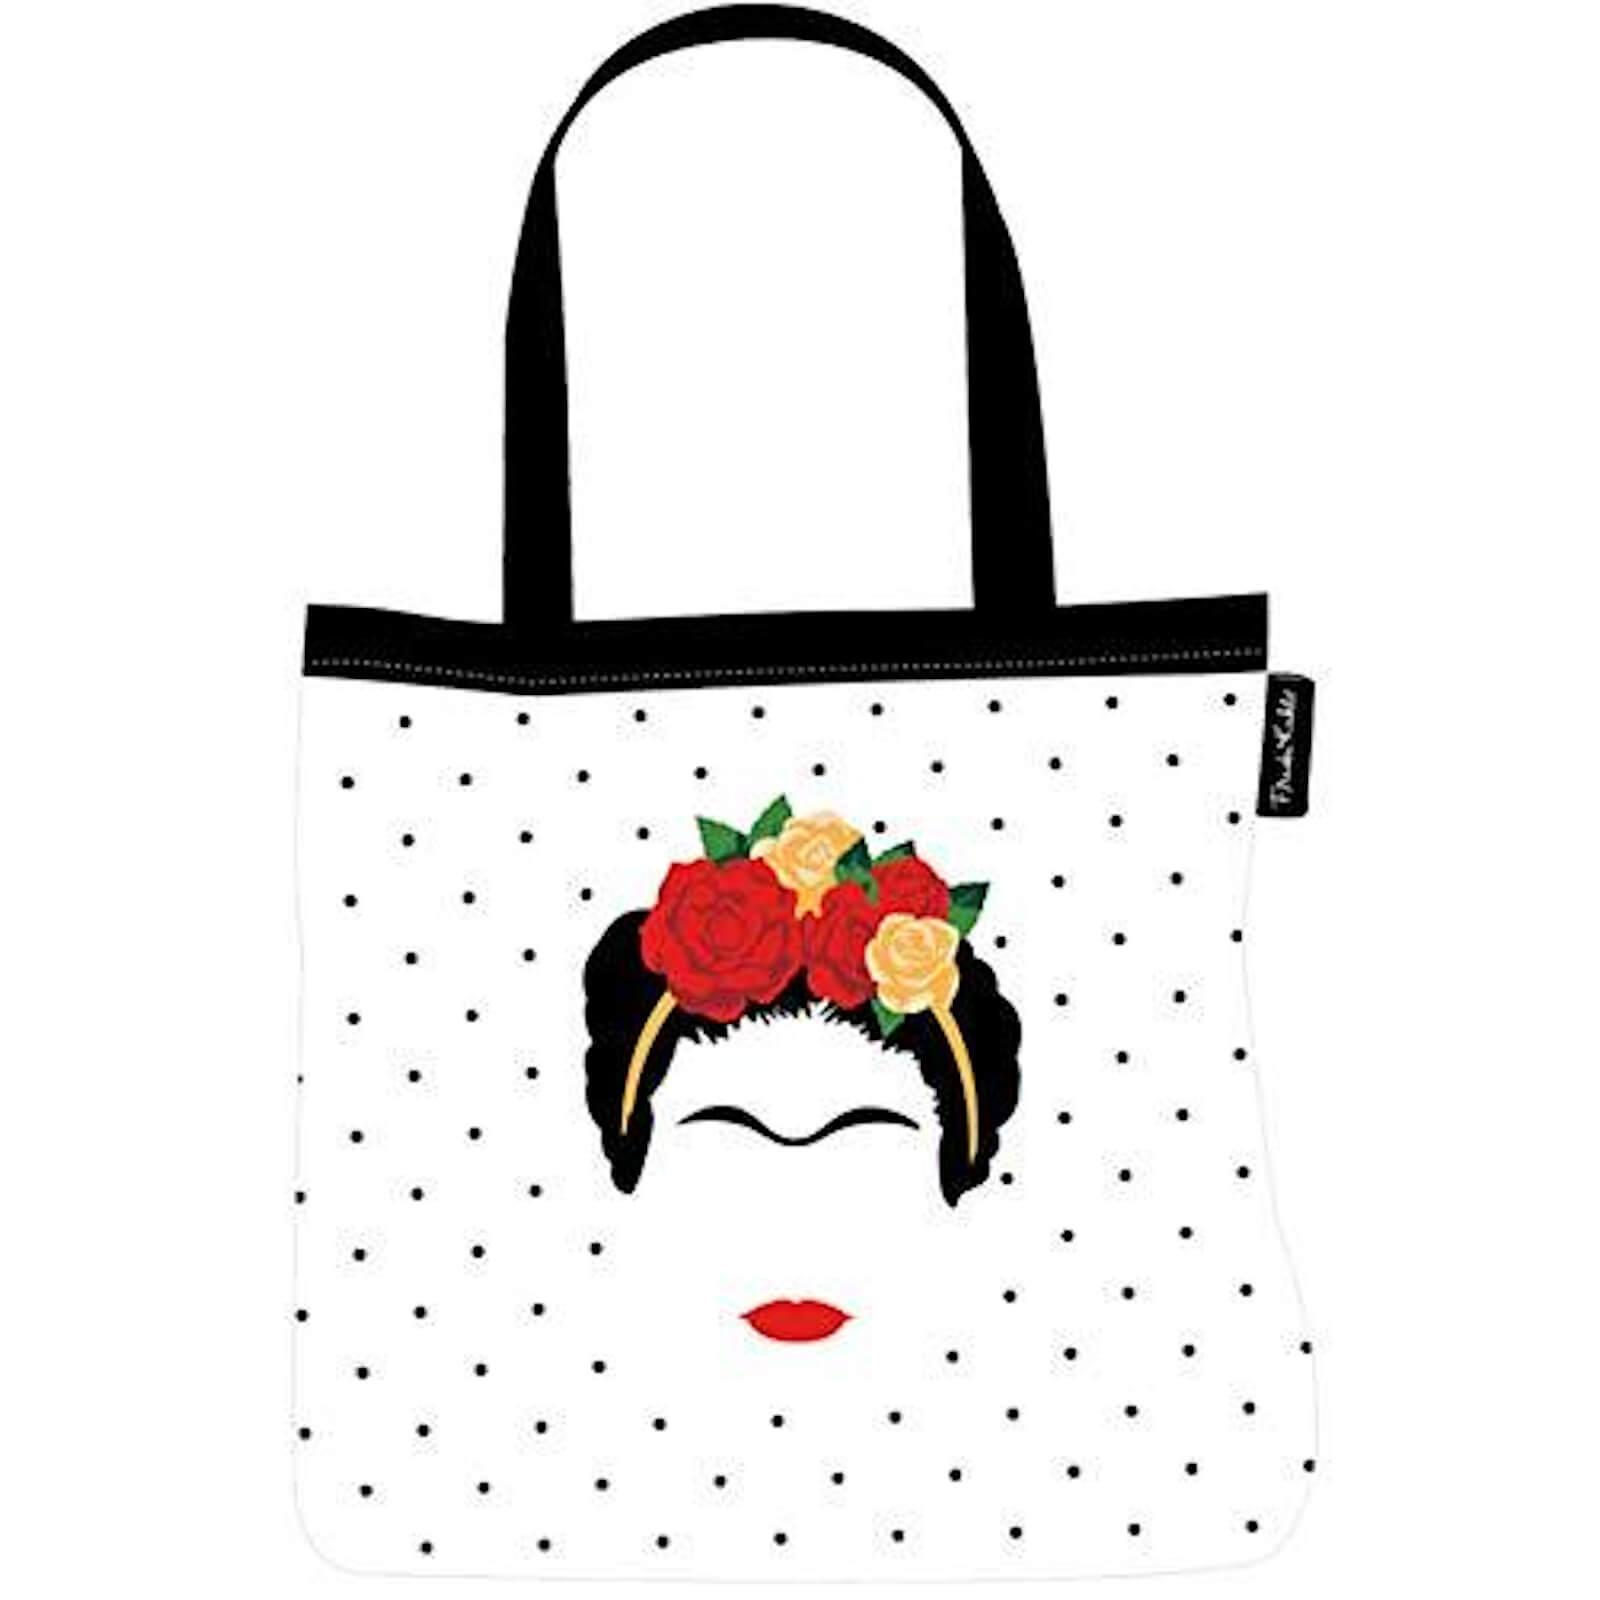 Image of Frida Kahlo Tote Bag